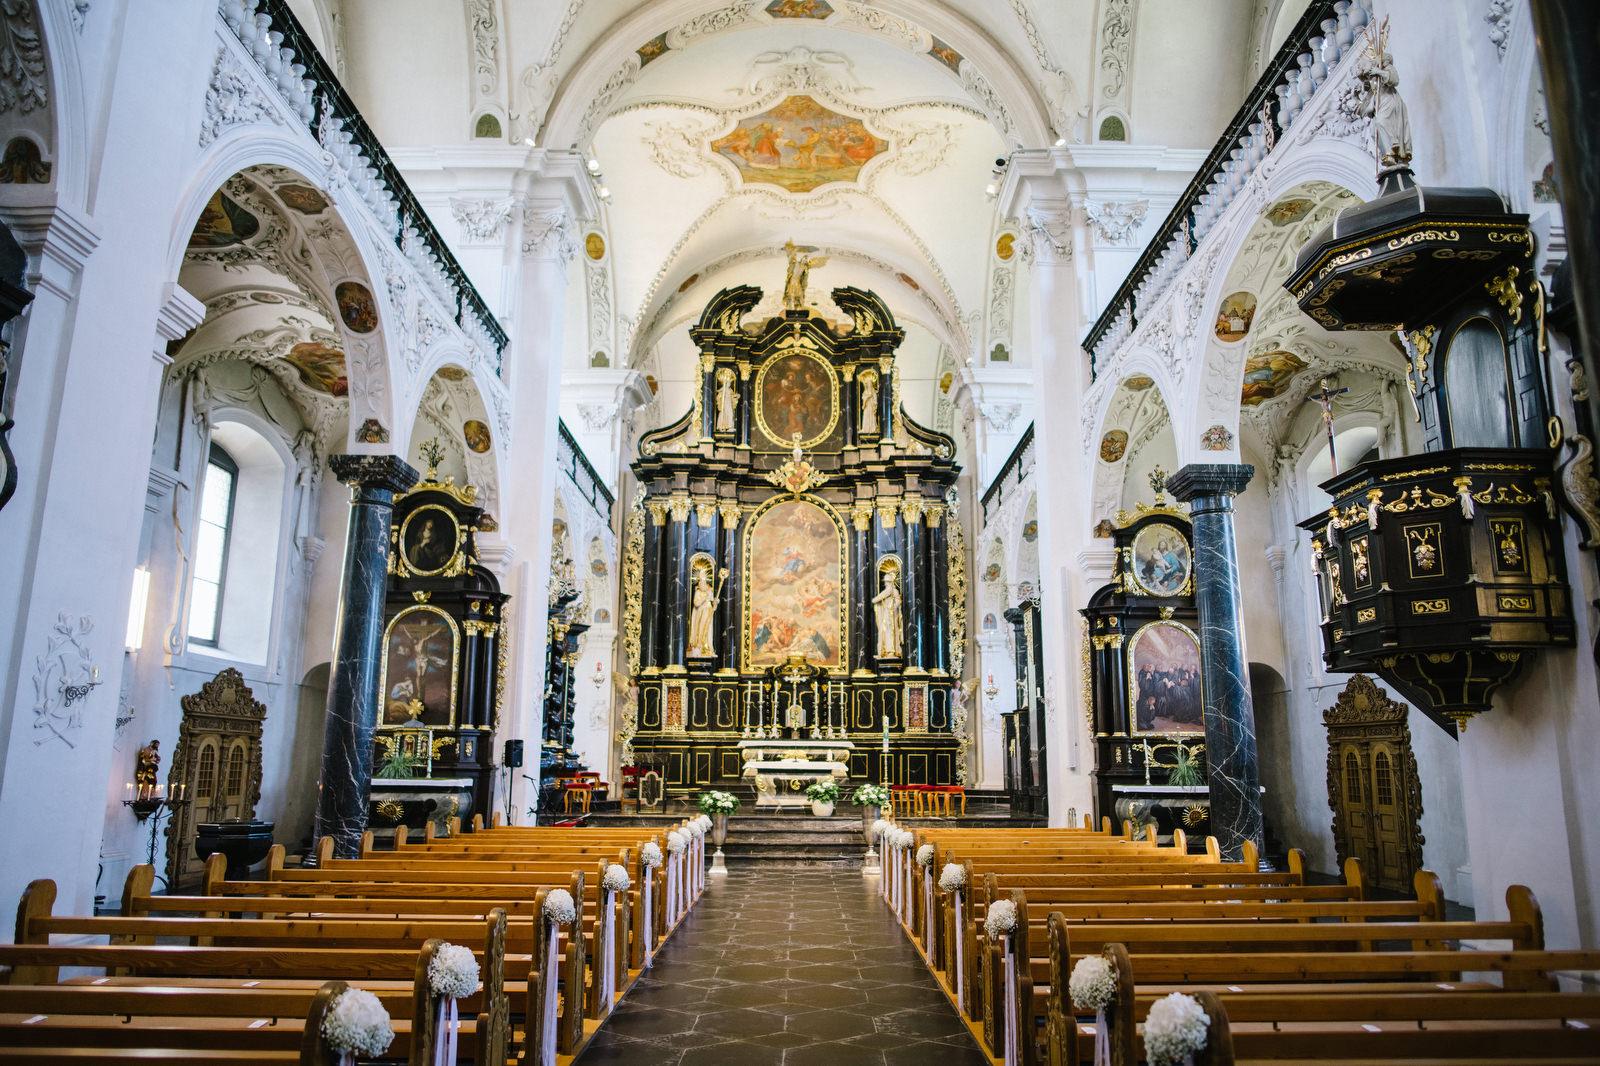 Fotograf Konstanz - Luxus Hochzeit Fotograf Grand Resort Bad Ragaz Schweiz Lichtenstein 041 - Destination wedding at the Grand Resort Bad Ragaz, Swiss  - 135 -